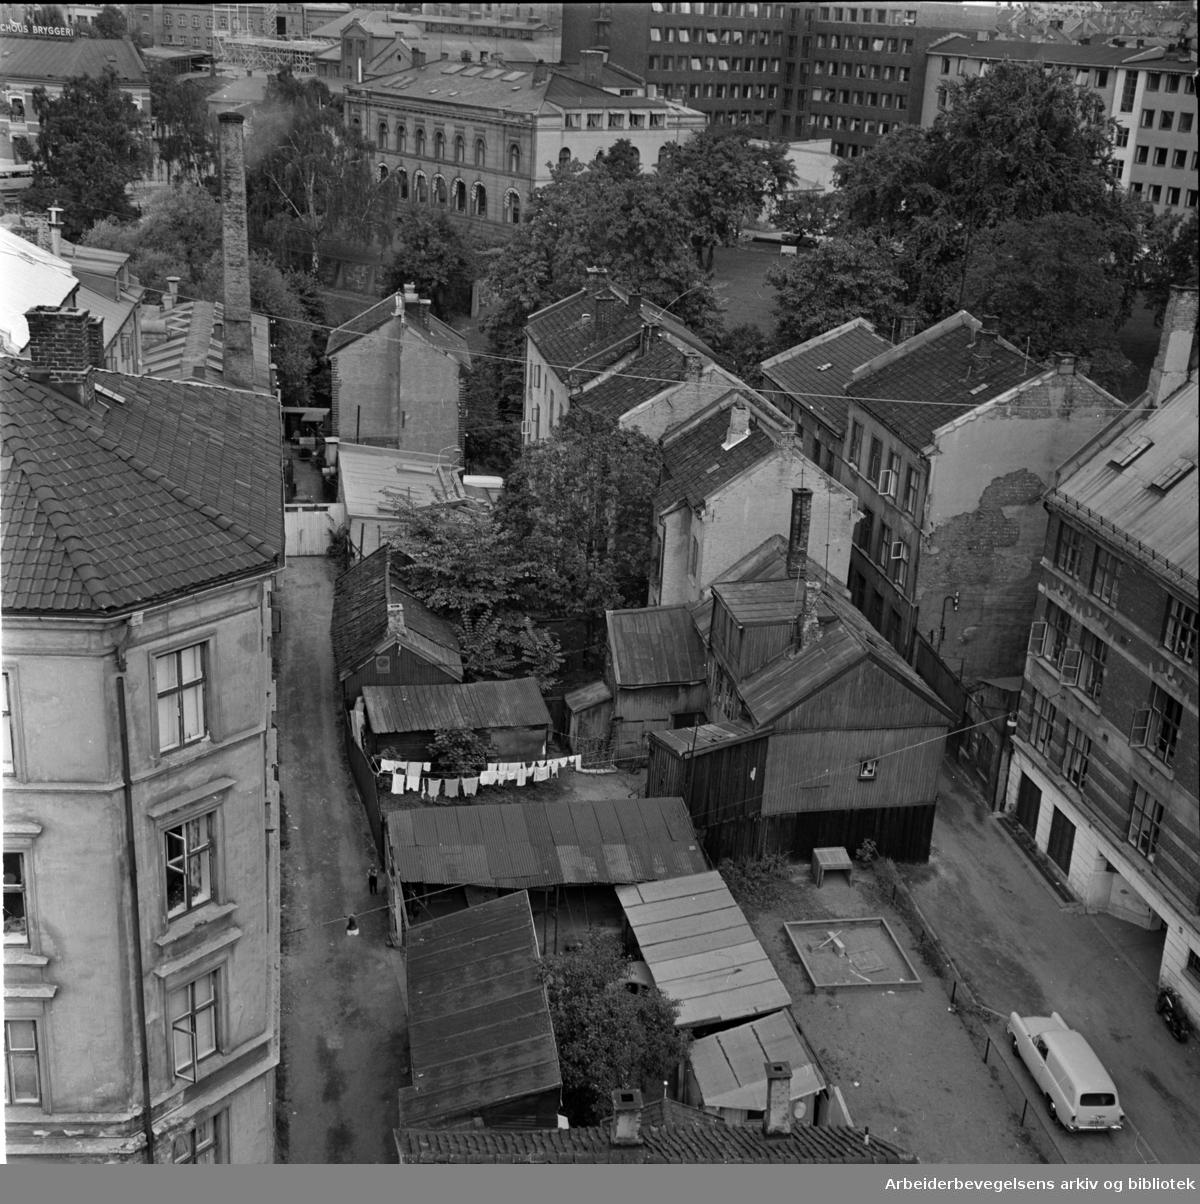 Akerselva. Vaterland. Øvre Vaskegang til venstre, Nedre Vaskegang til høyre. Trondheimsveien 3 ses i midten i bakgrunnen. September 1961